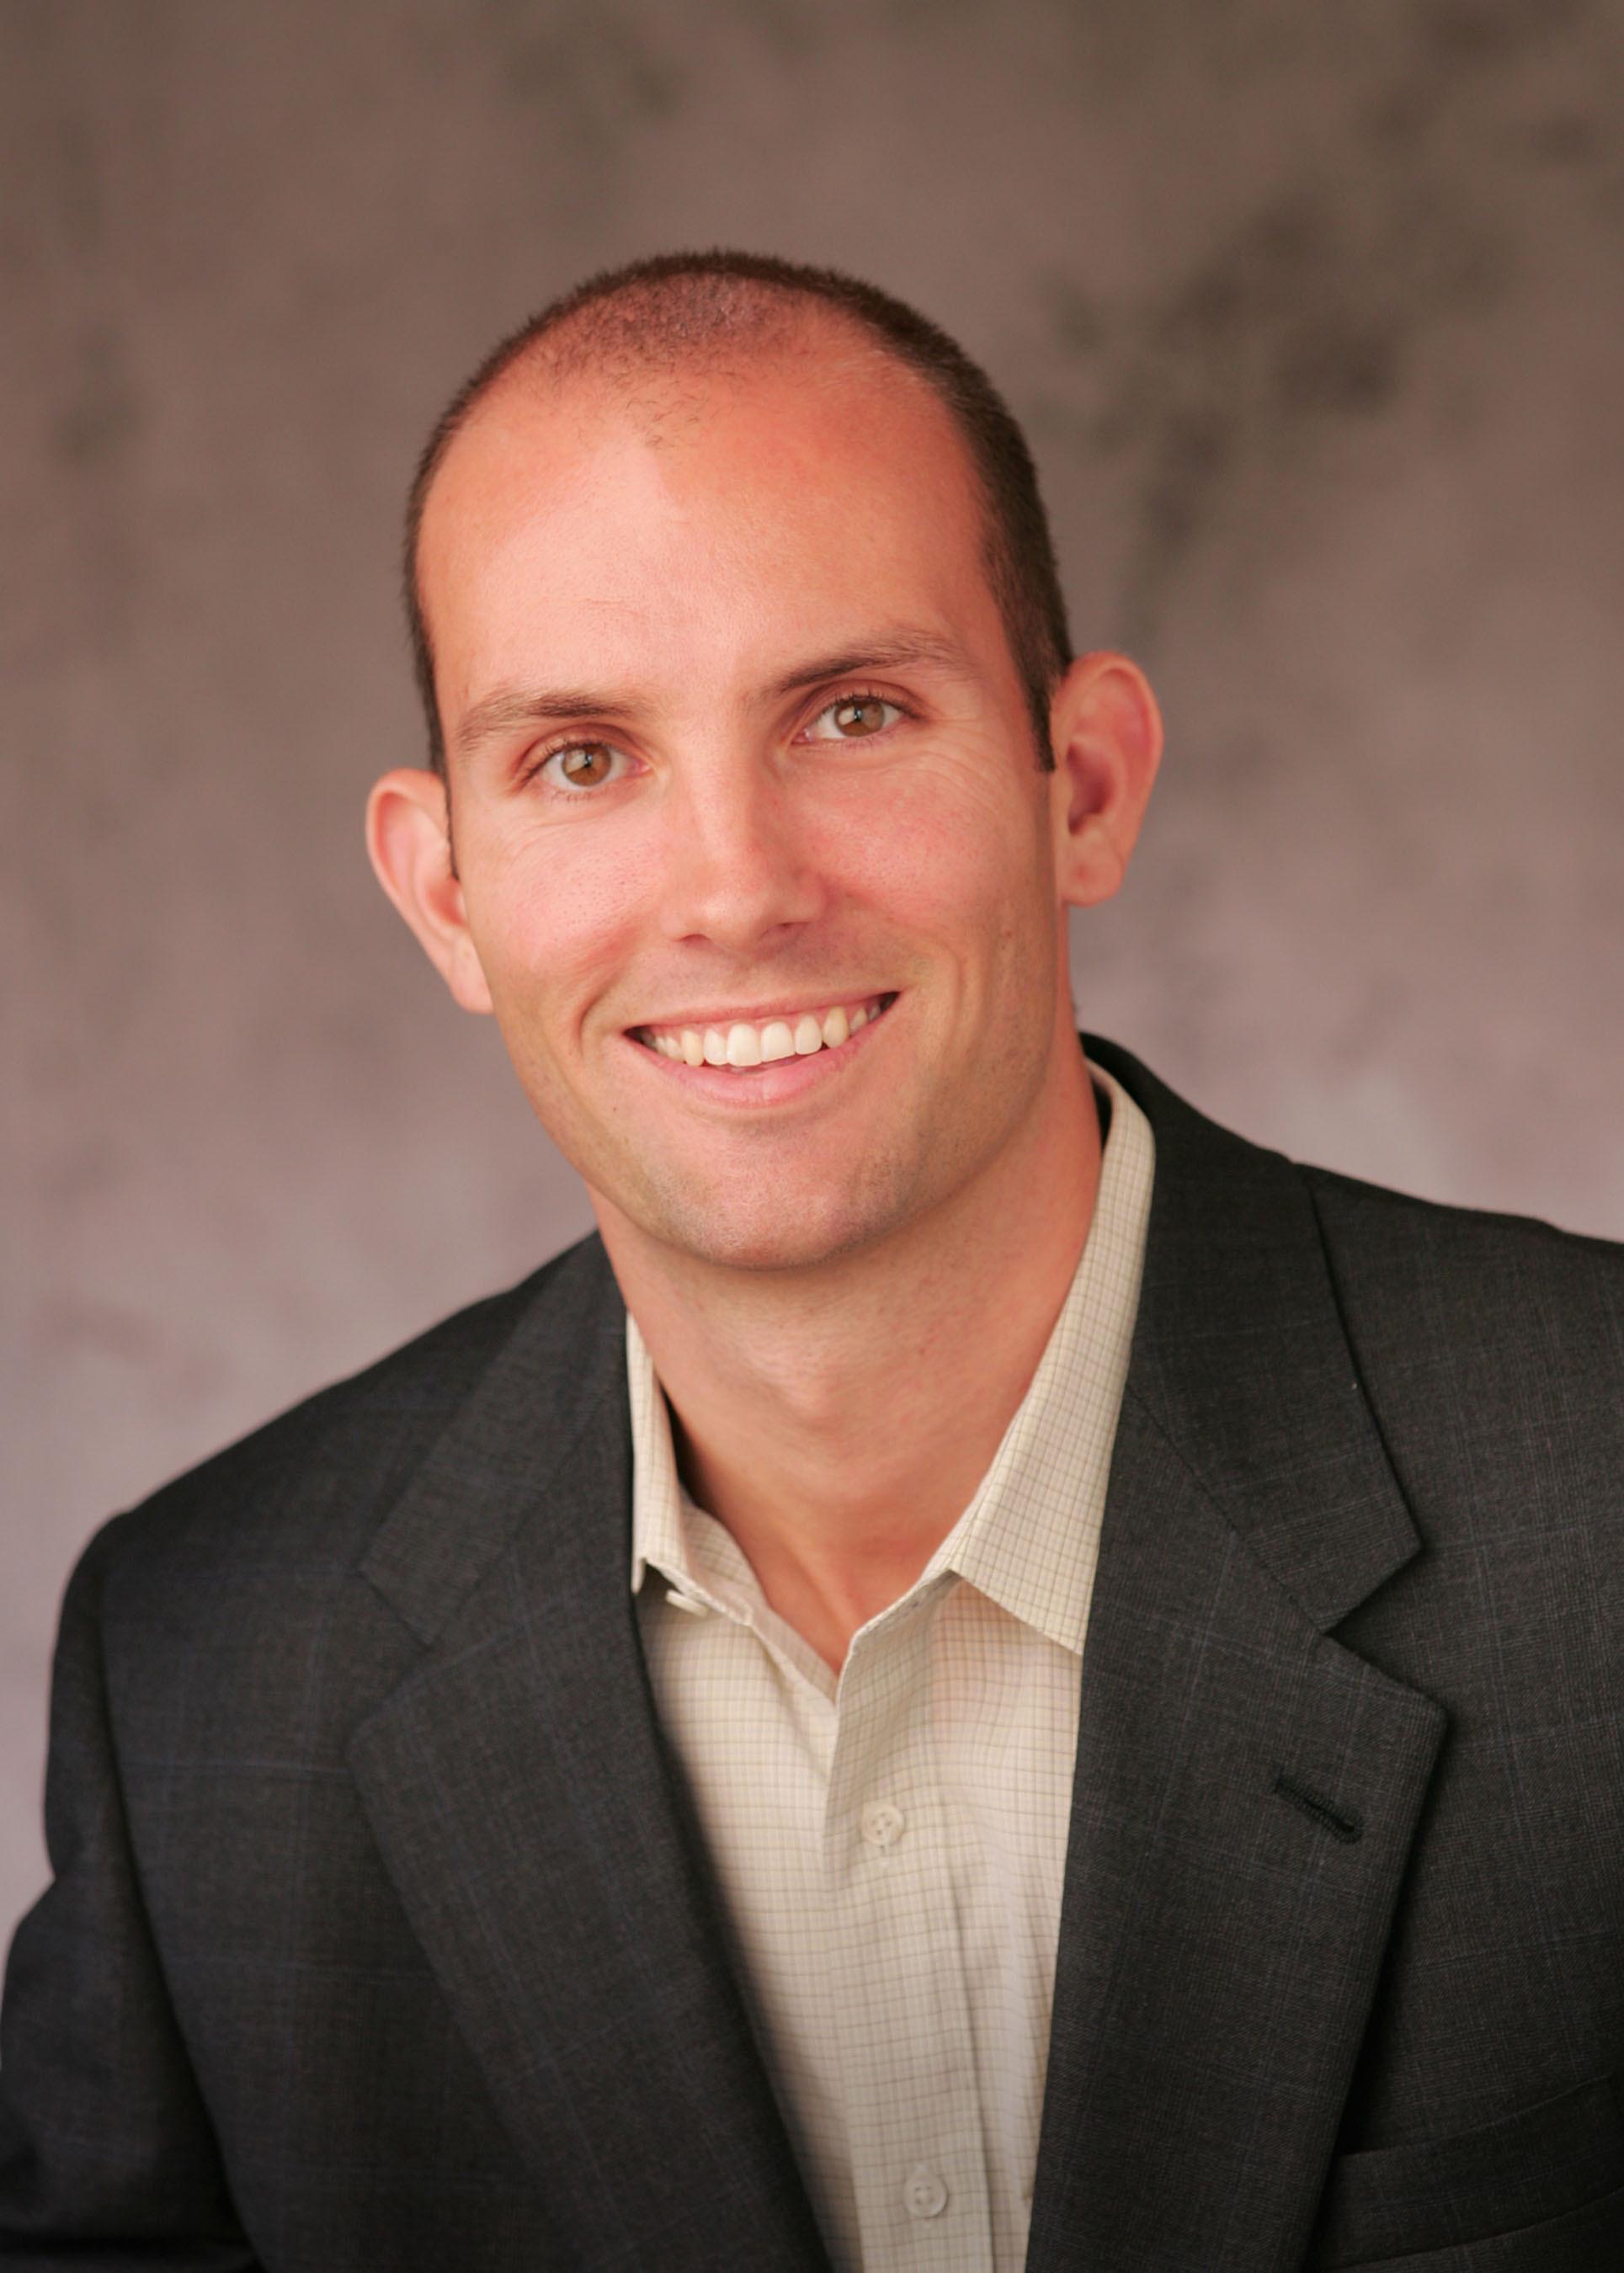 Ben Decker appointed to CEO of Decker Communications. (PRNewsFoto/Decker Communications) (PRNewsFoto/DECKER COMMUNICATIONS)